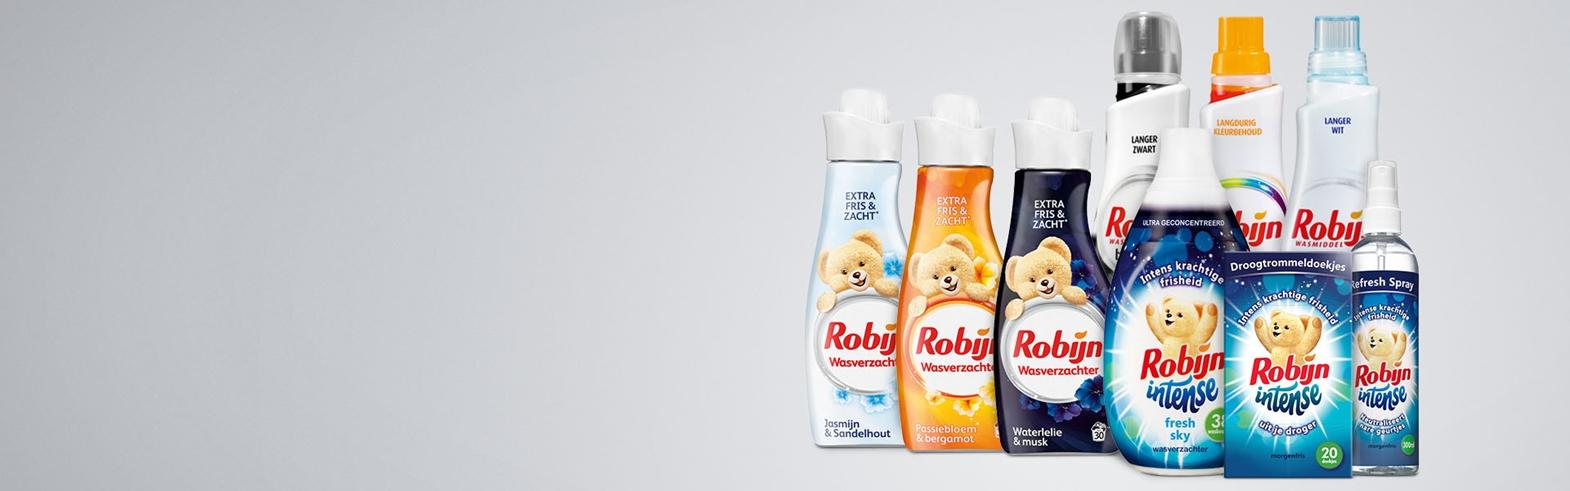 Samsung wasmachine | Robijn Waspakket cadeau